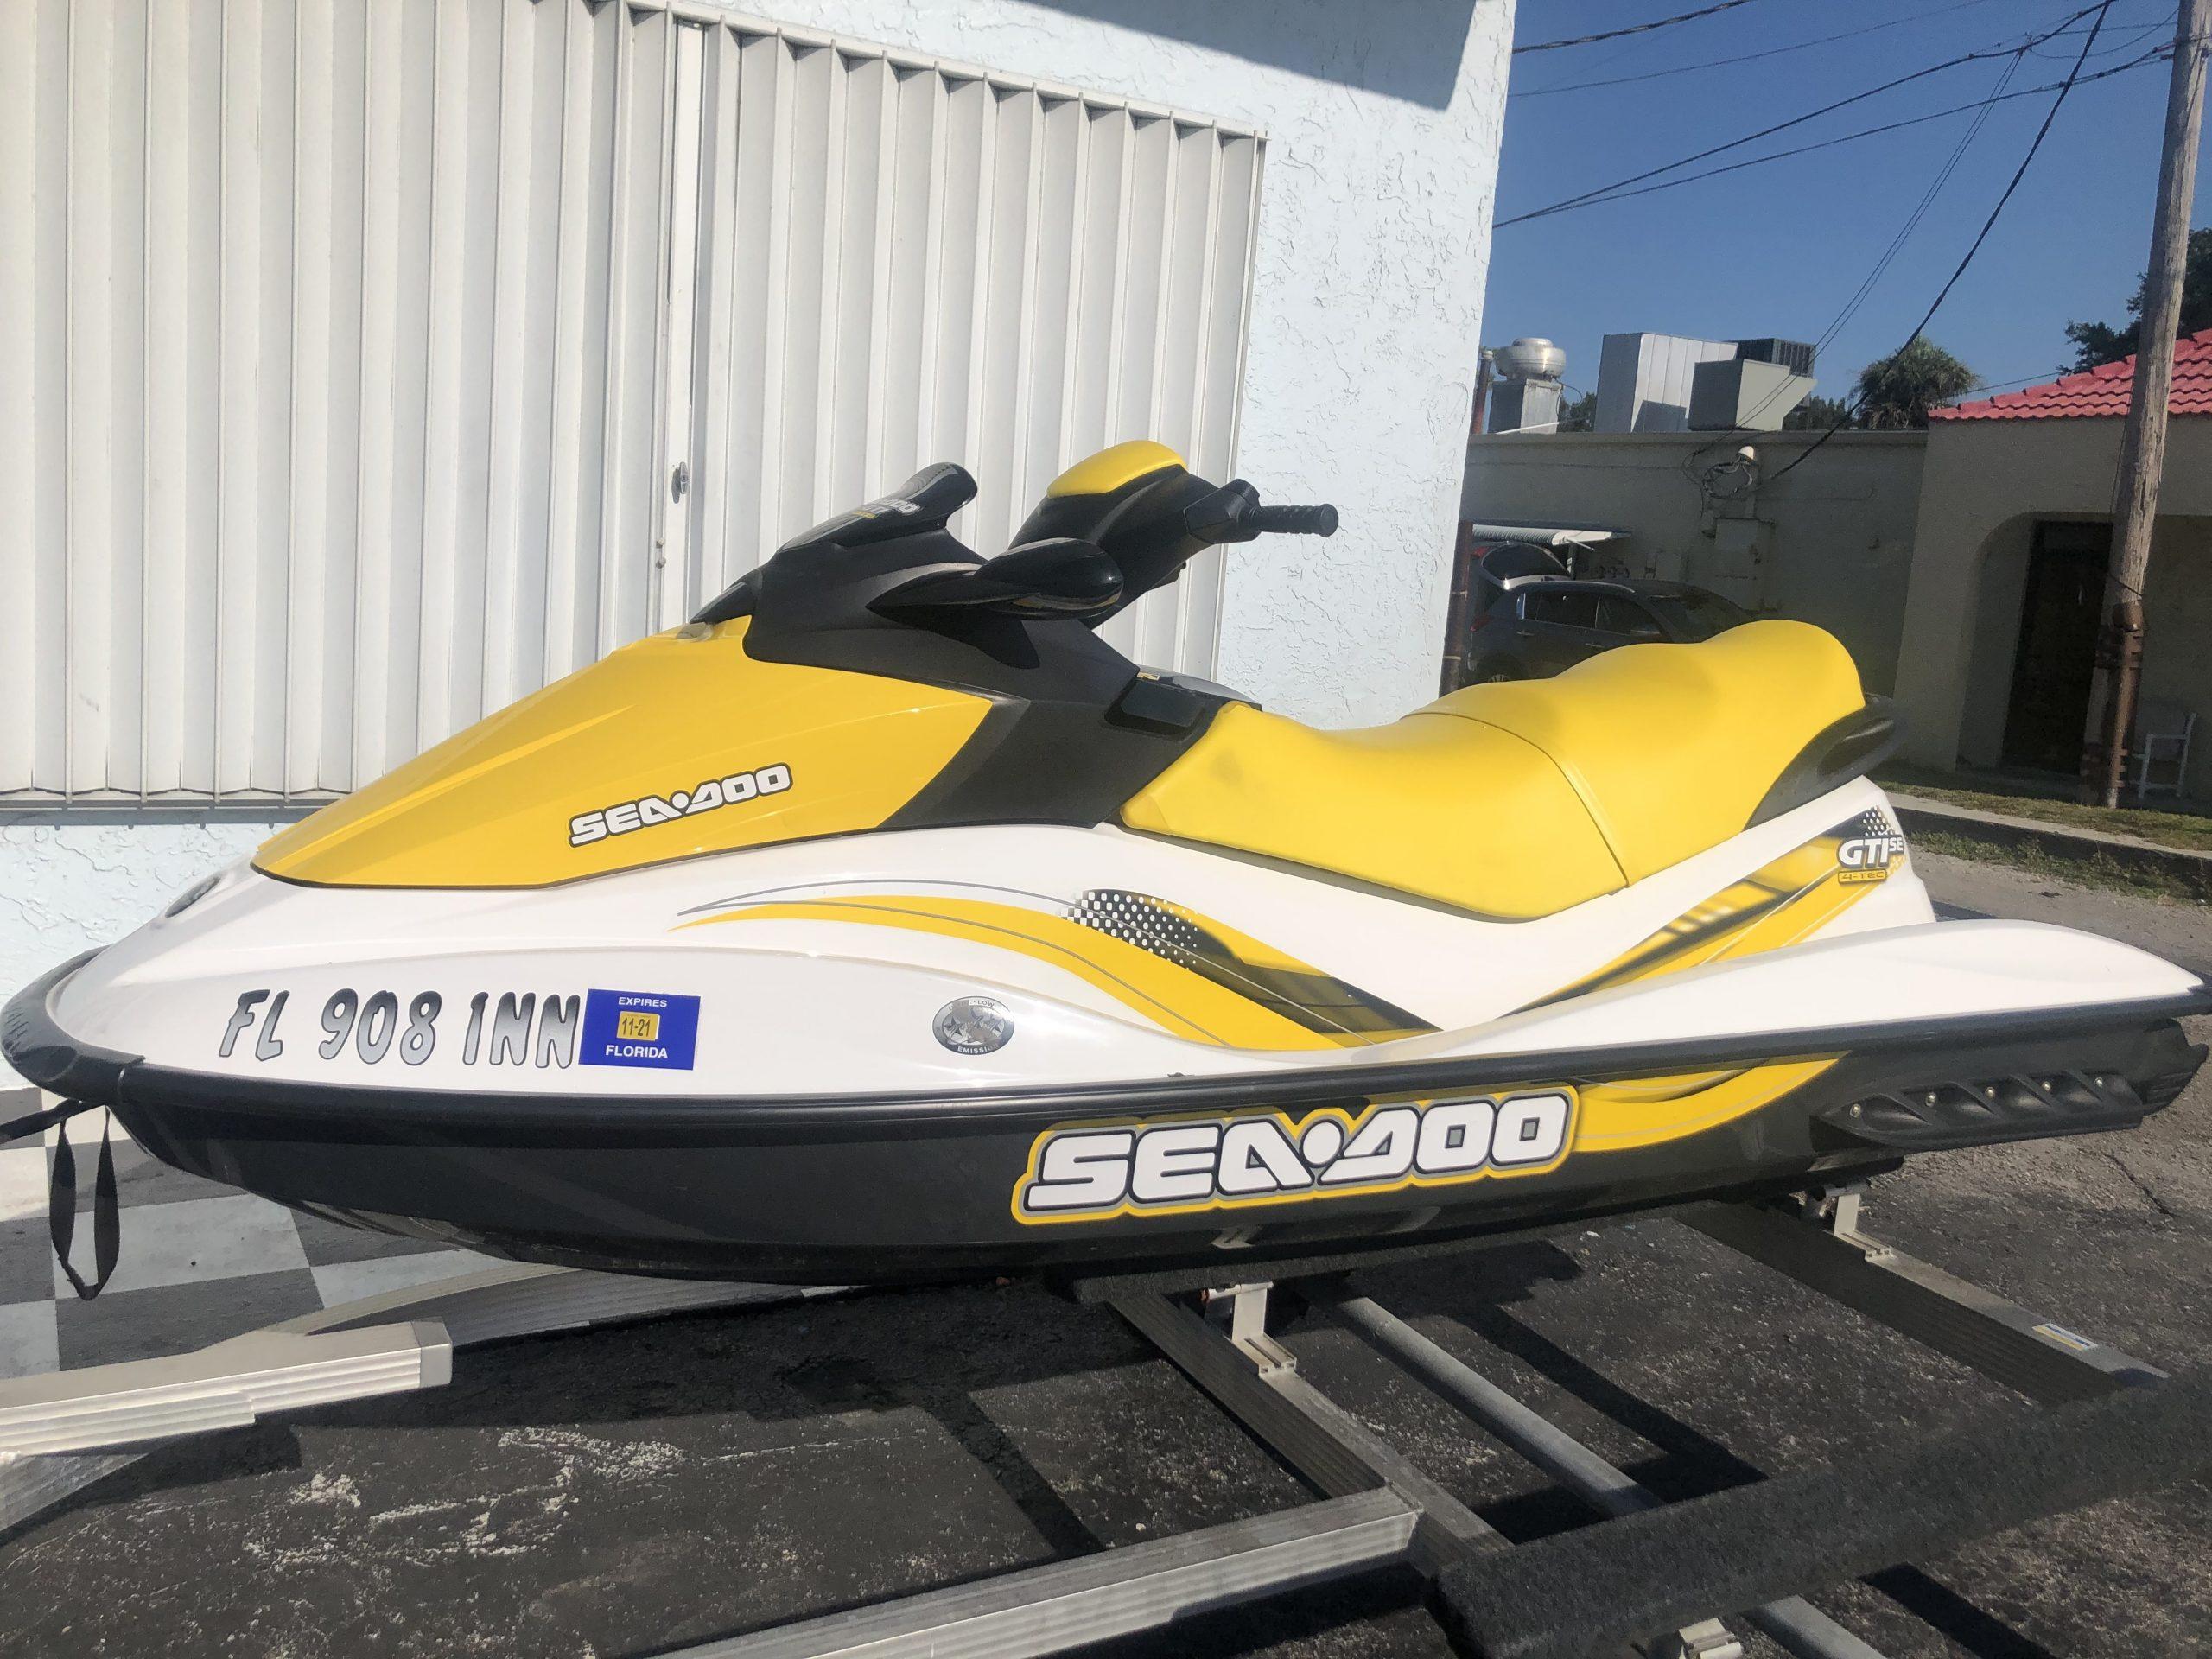 2007 SEA-DOO GTI 130